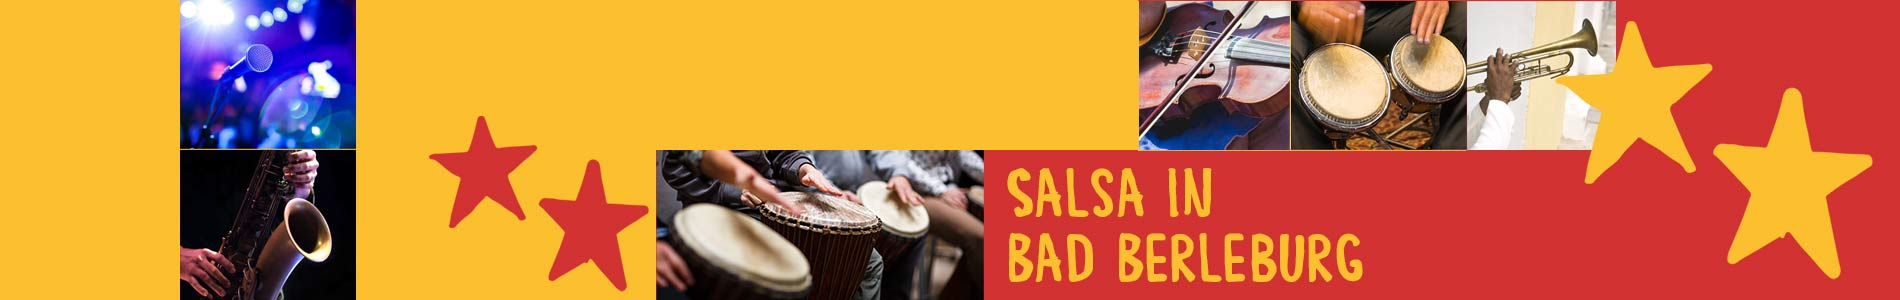 Salsa in Bad Berleburg – Salsa lernen und tanzen, Tanzkurse, Partys, Veranstaltungen